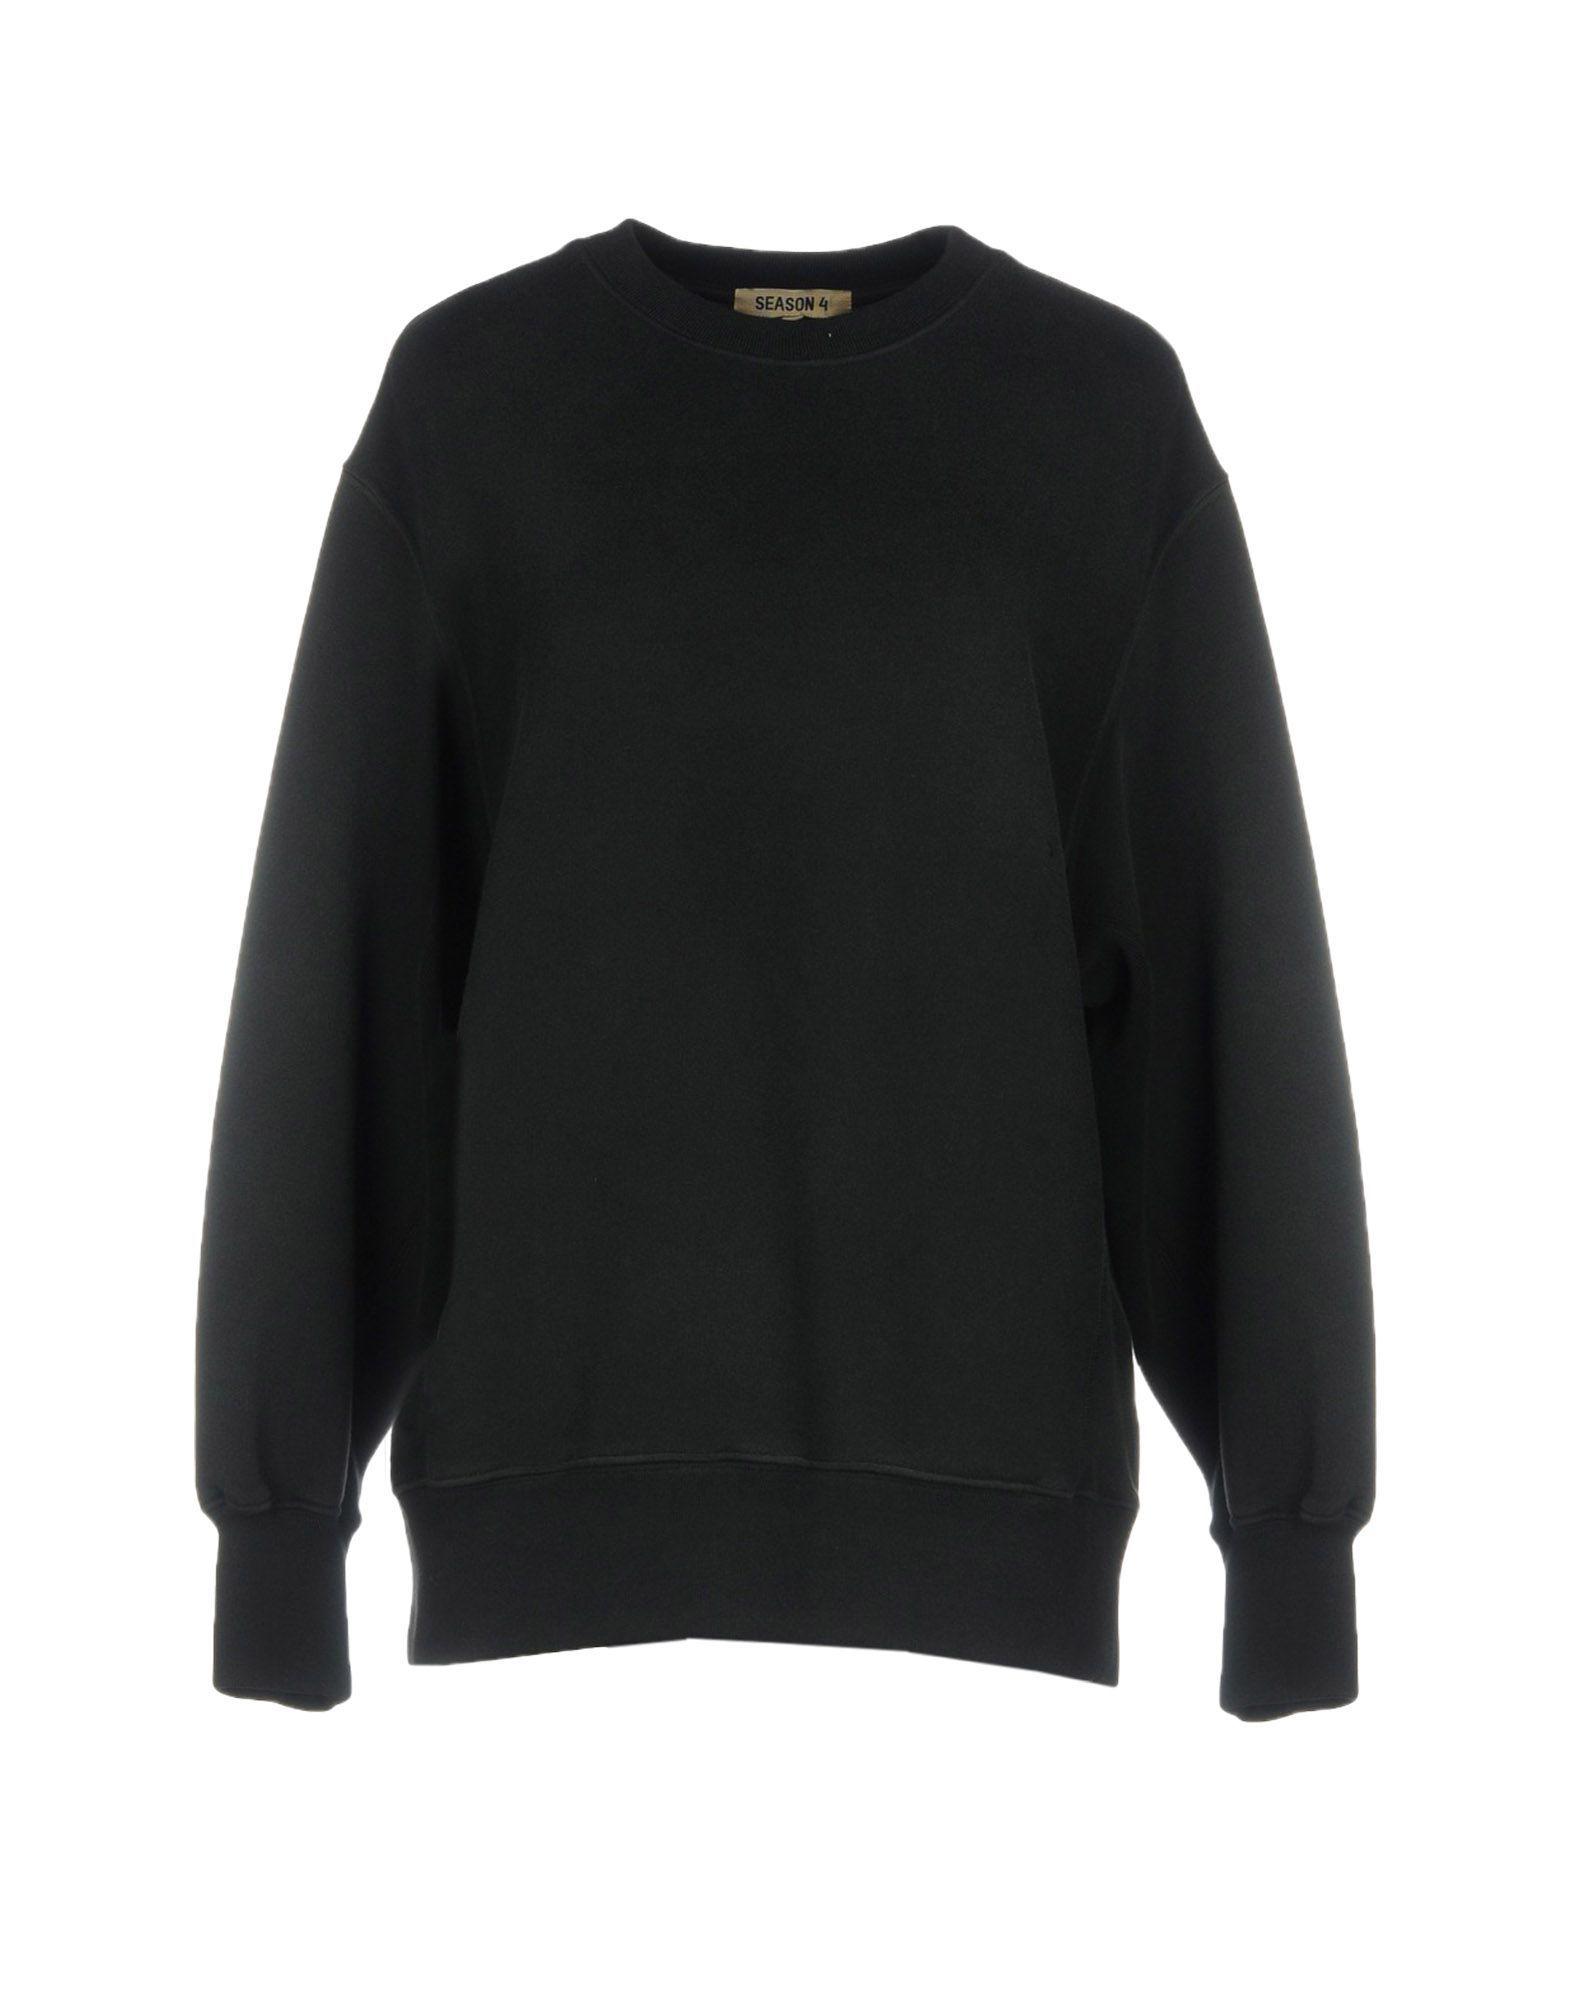 Yeezy Sweatshirt In Black Modesens Sweatshirts Yeezy Black Sweatshirts [ 2000 x 1571 Pixel ]